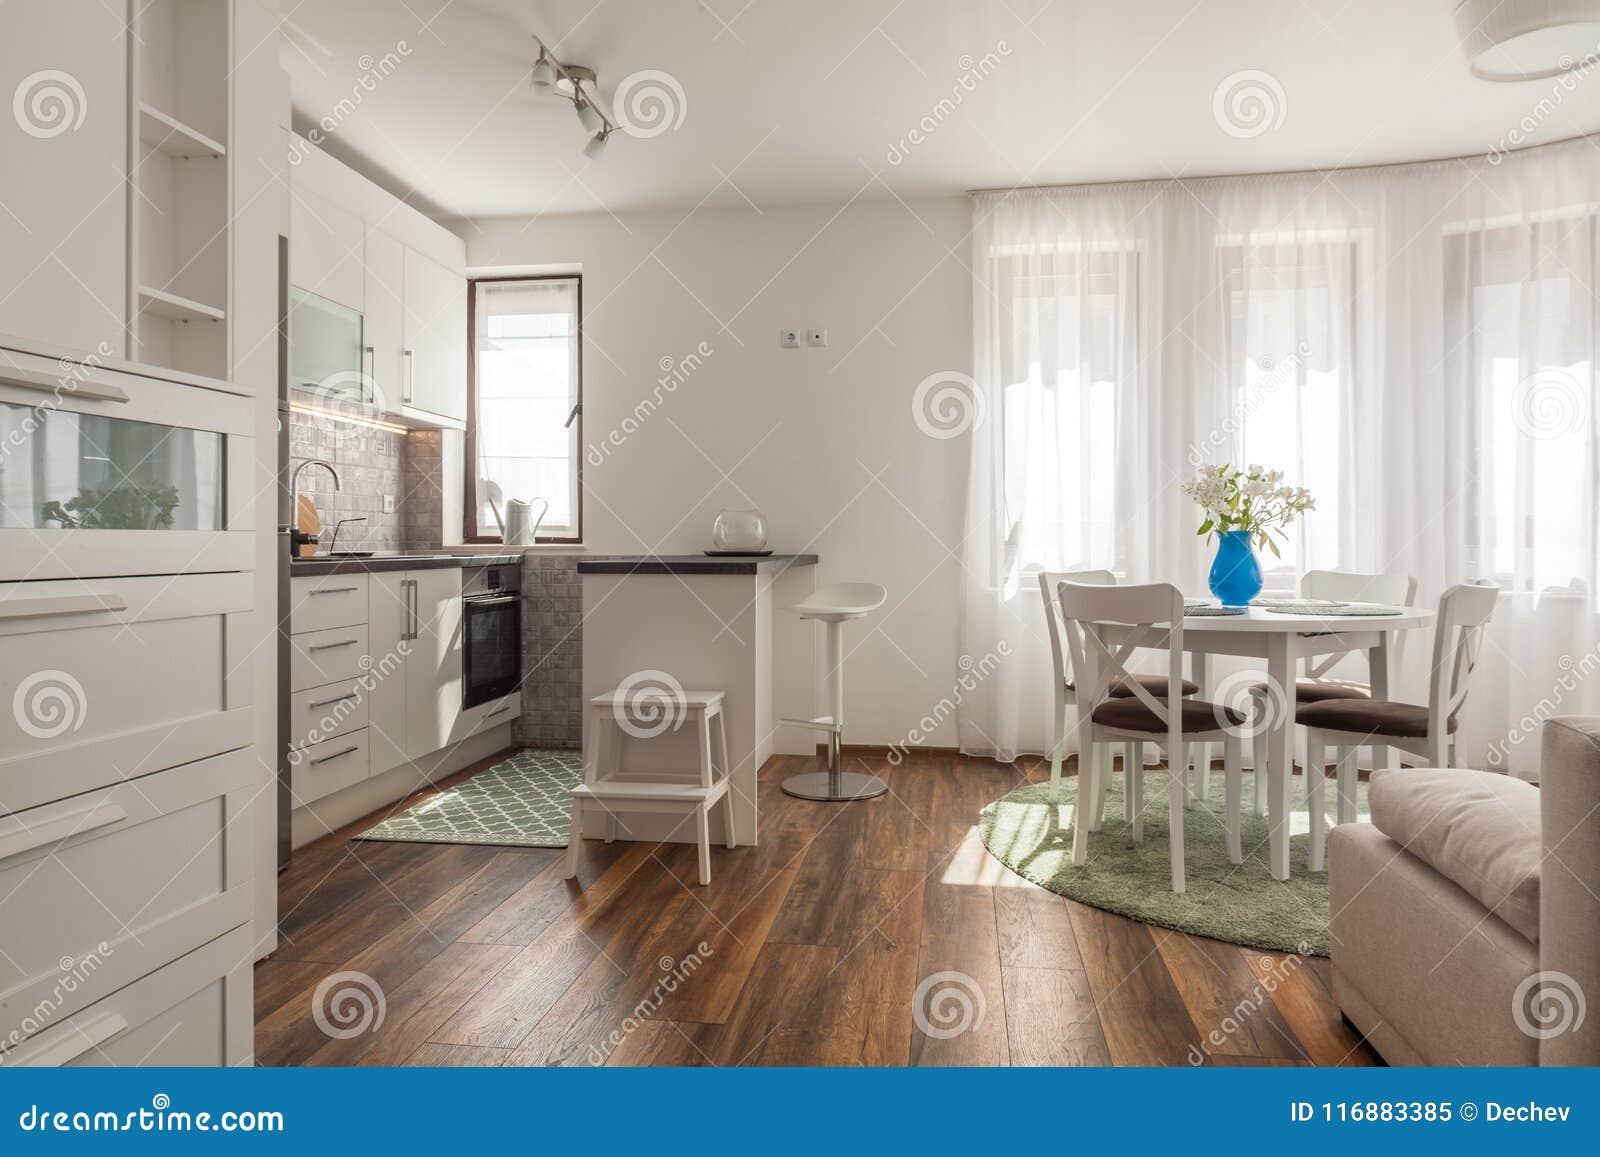 Design Fußboden Für Küche ~ Neues modernes wohnzimmer mit küche neues haus innenphotographie